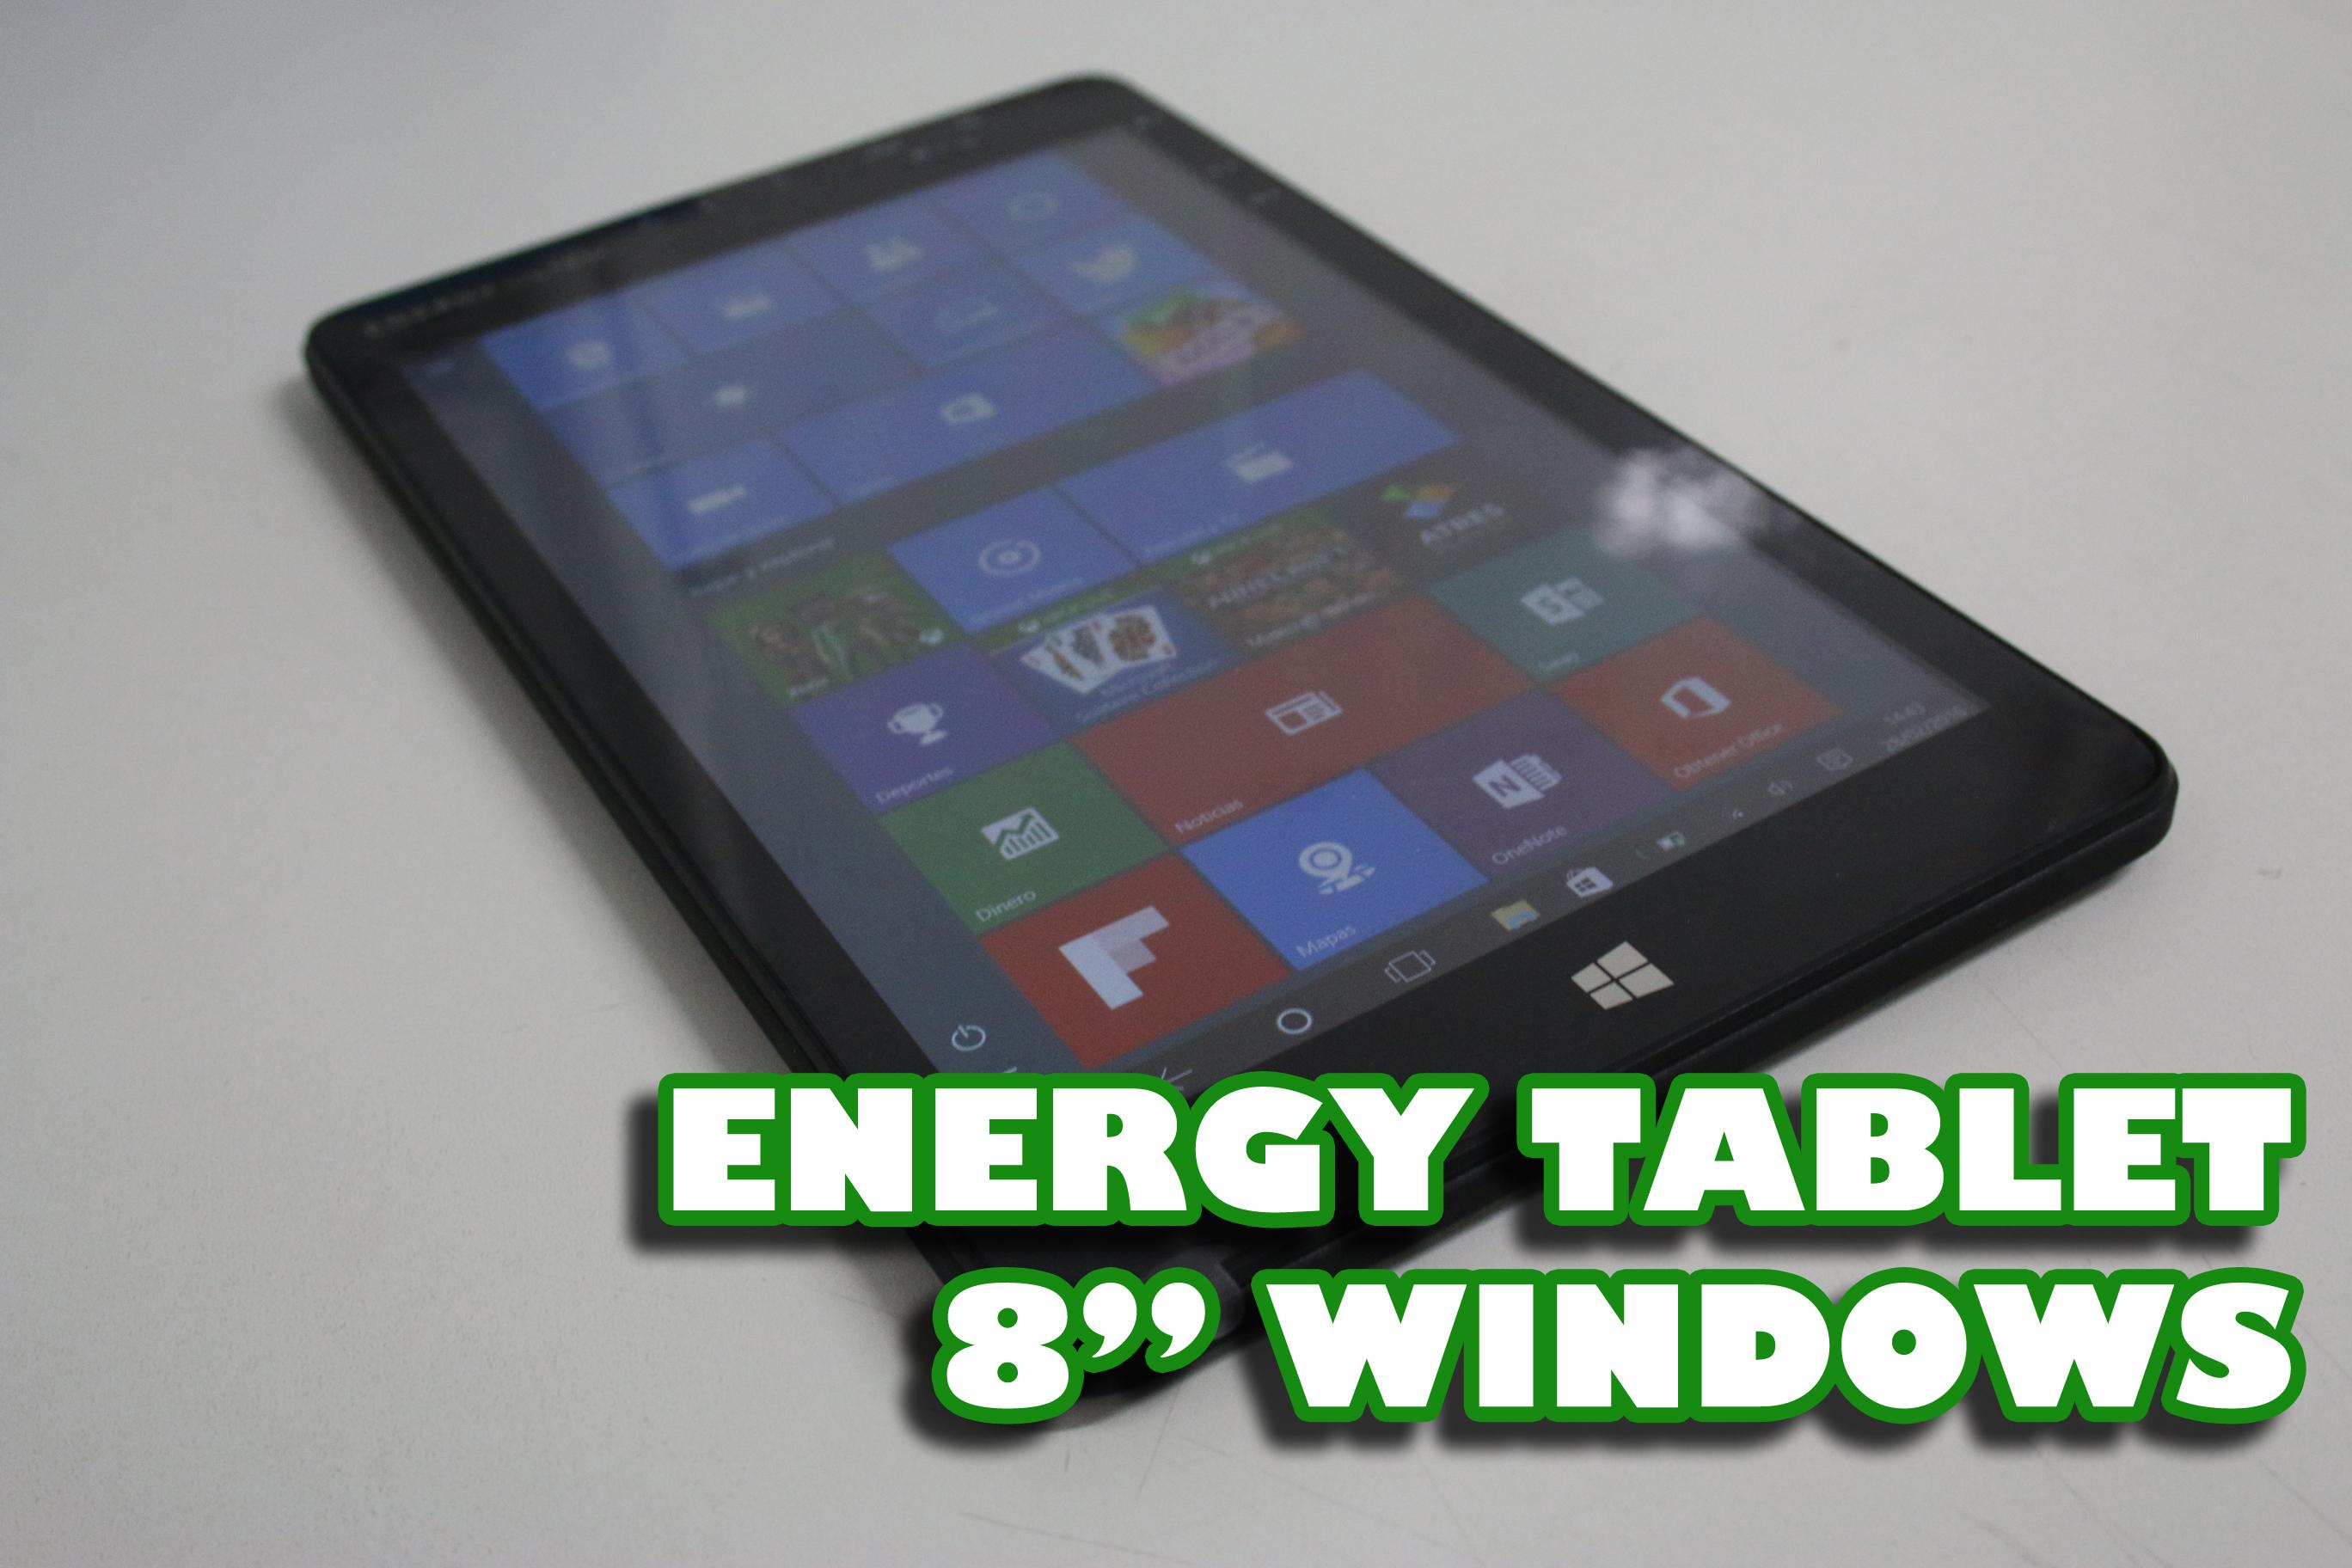 Energy Tablet 8″ Windows, buena tablet para productividad y ocio